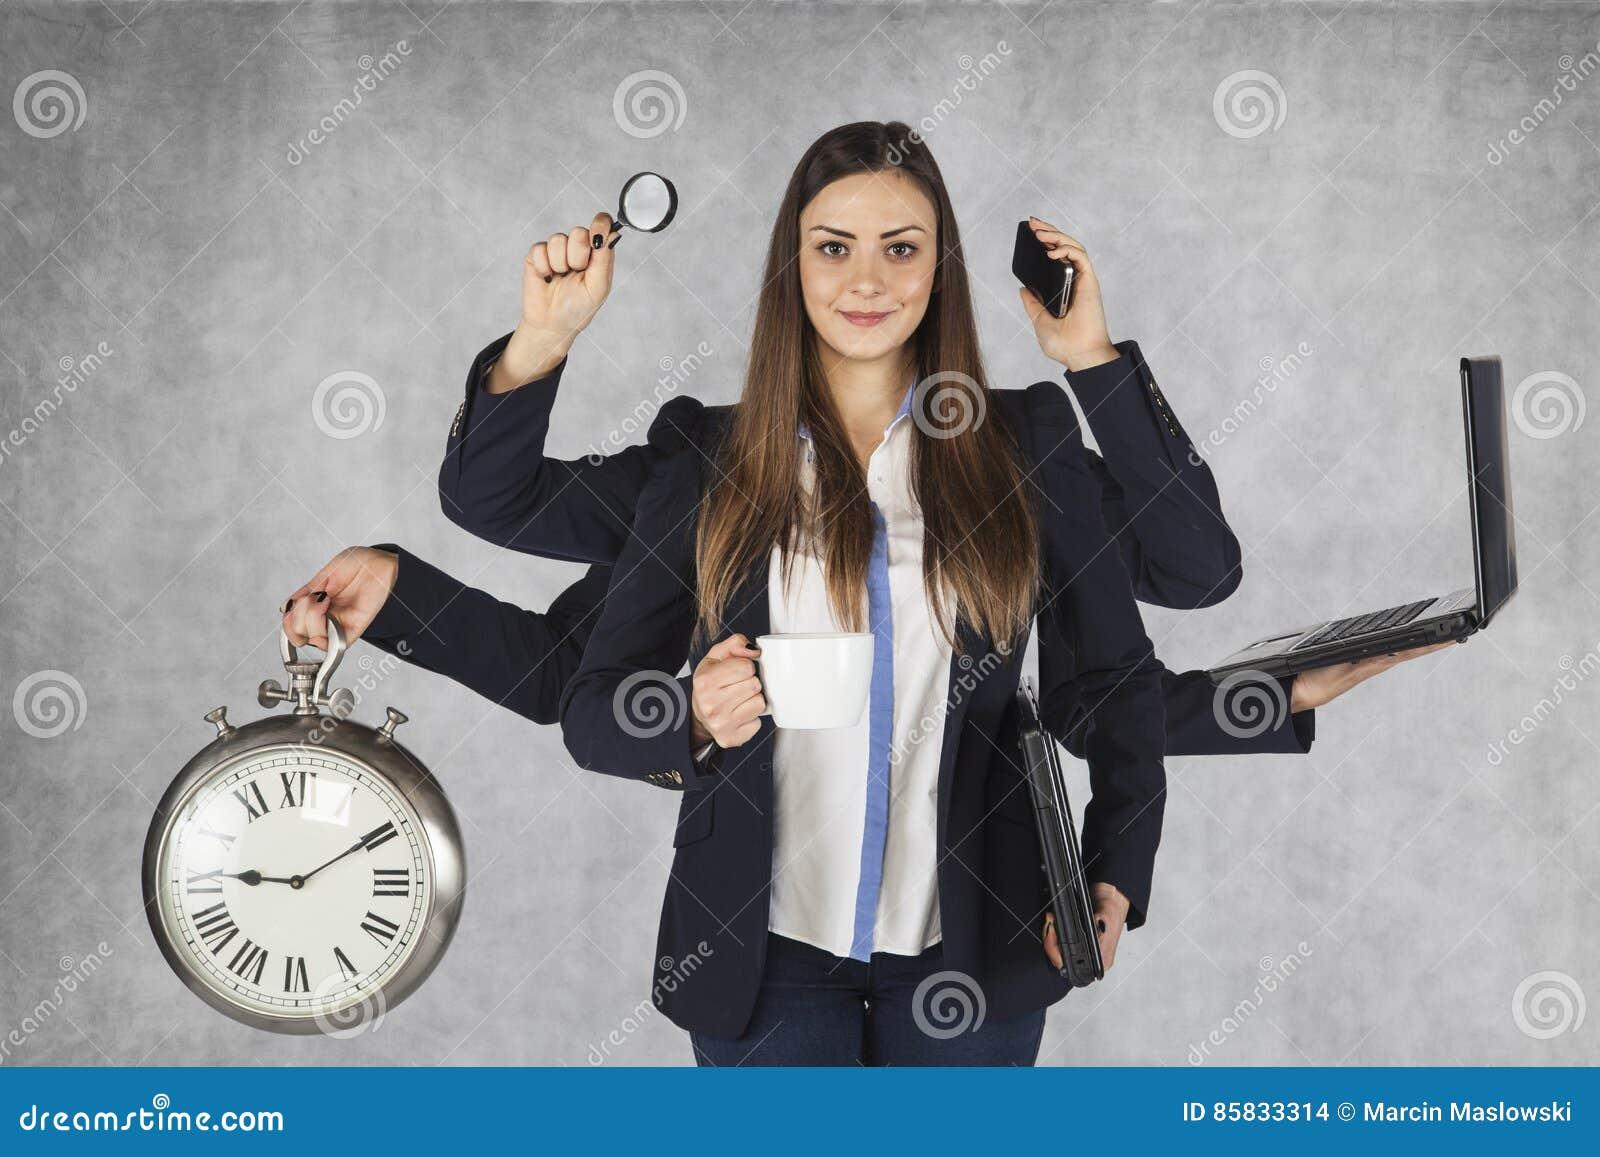 Affärskvinna som kan användas till mycket med ett stort antal händer